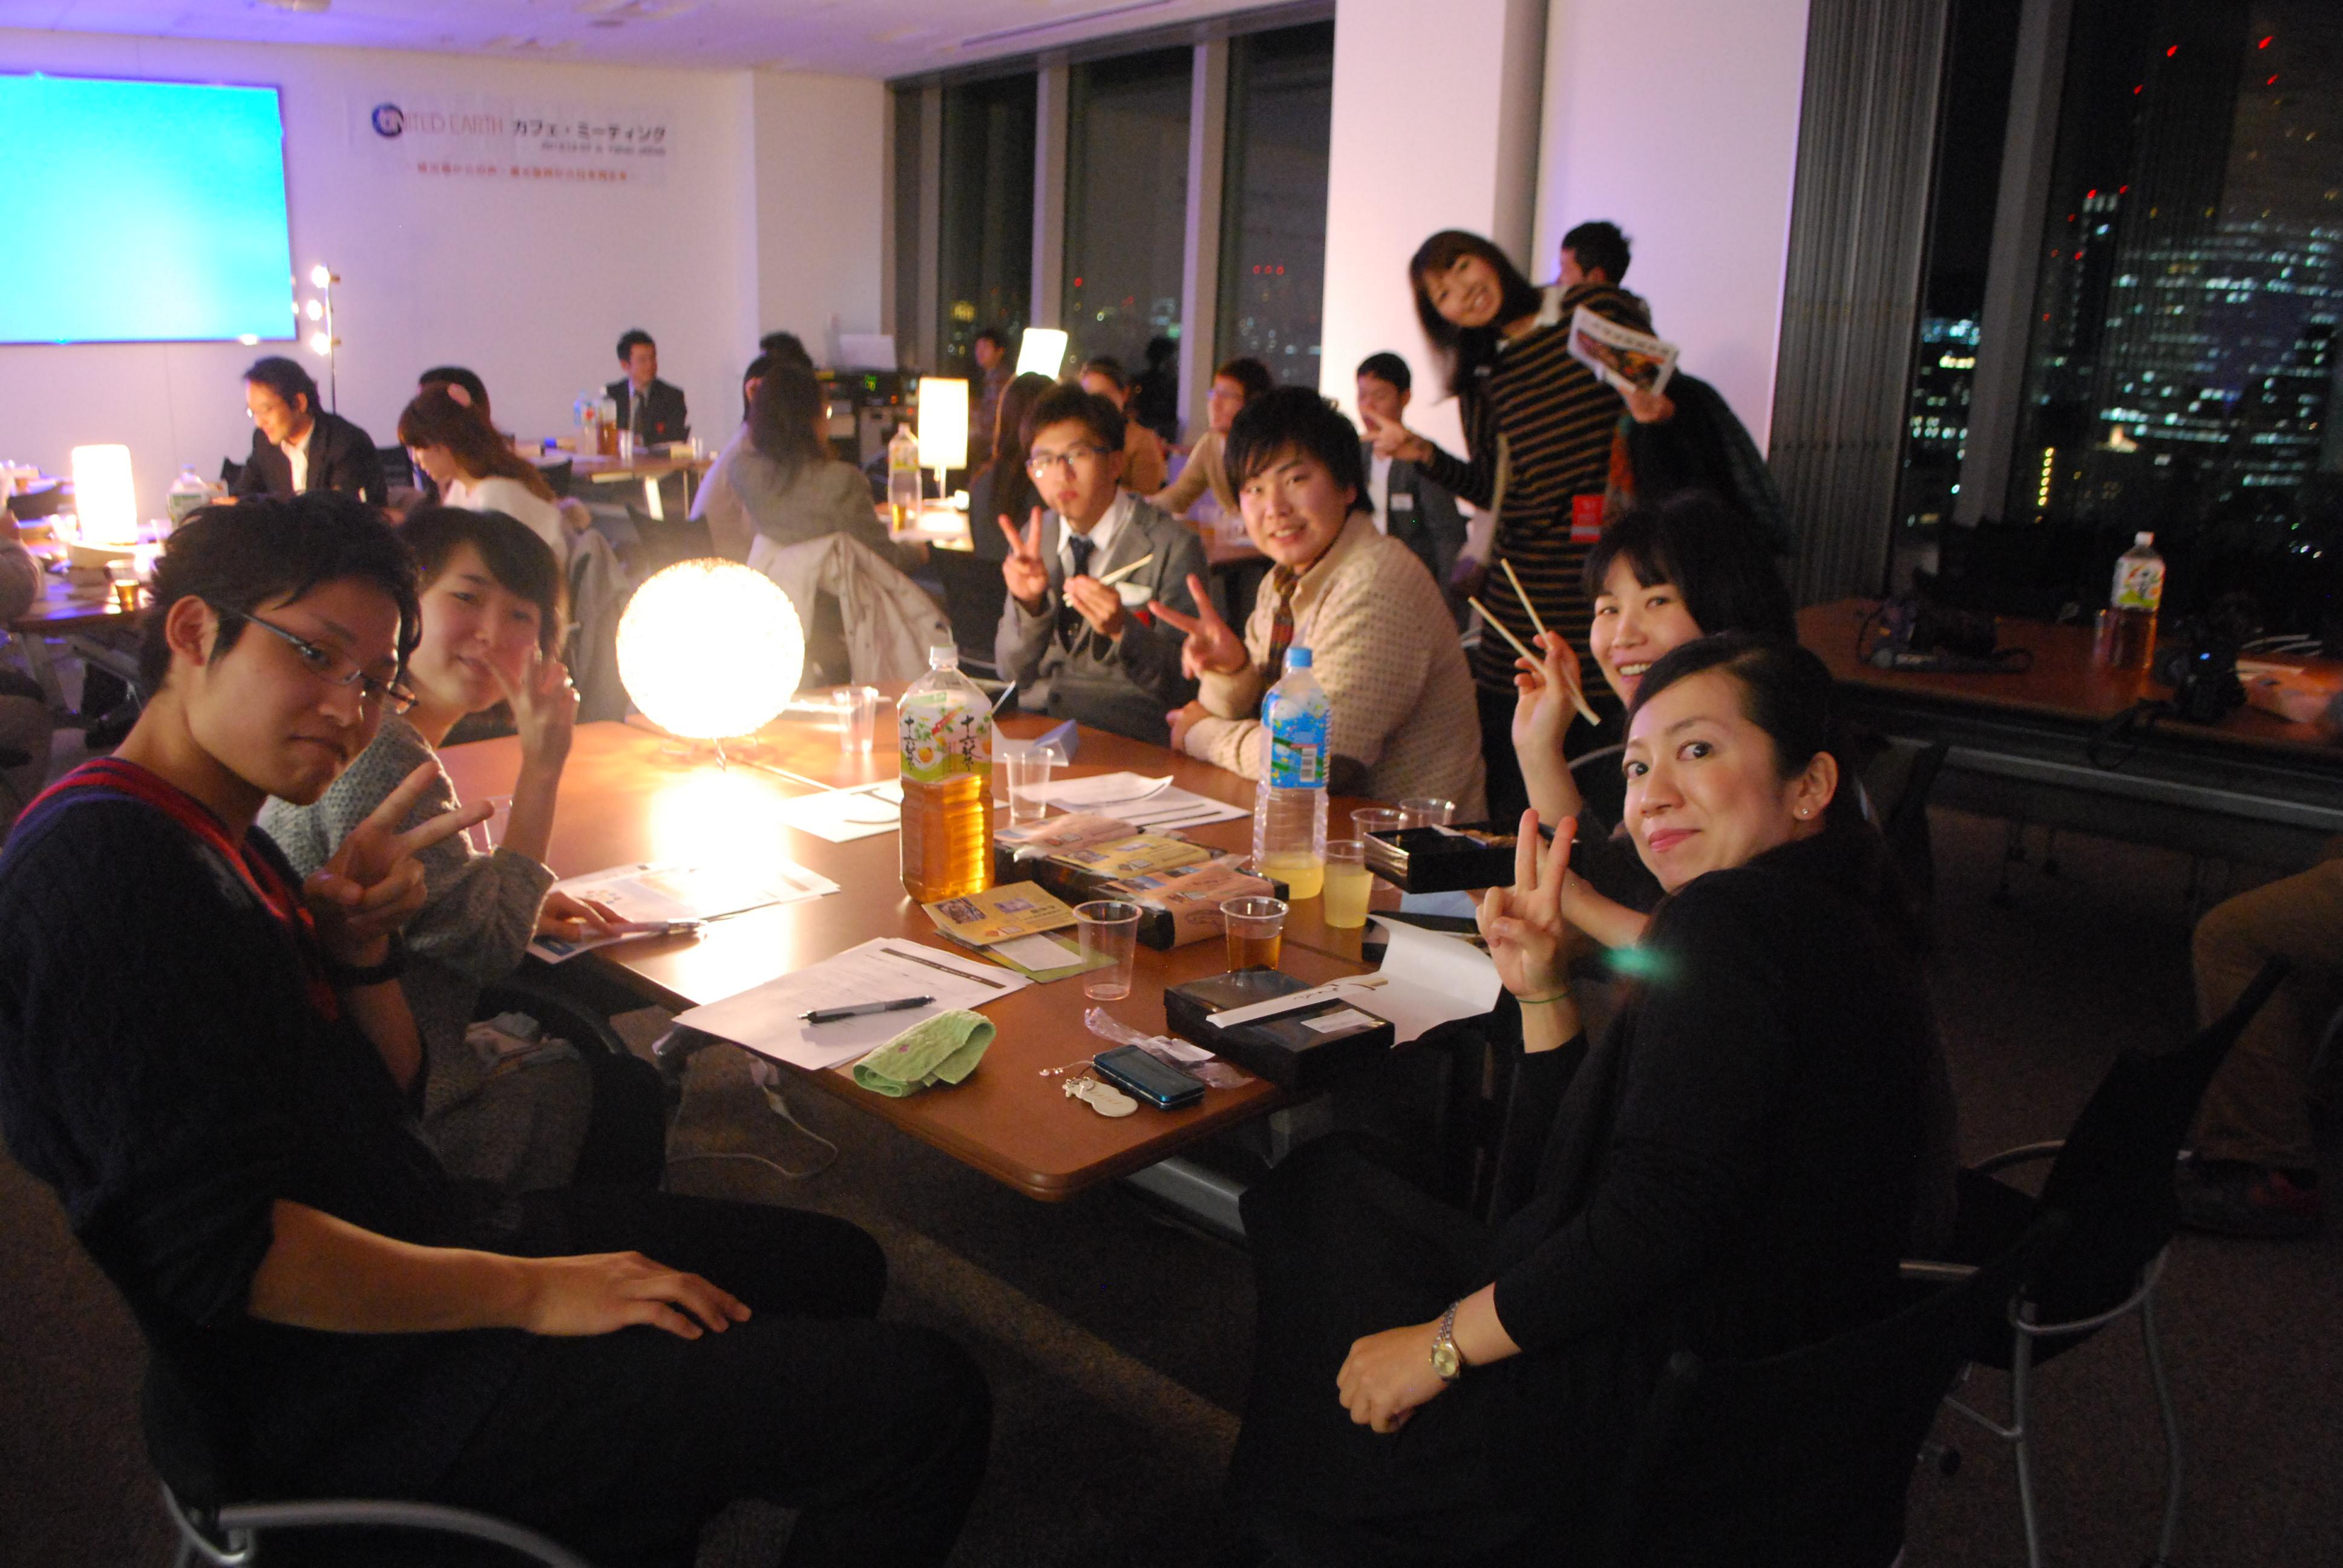 201212東京カフェグループ写真.JPG